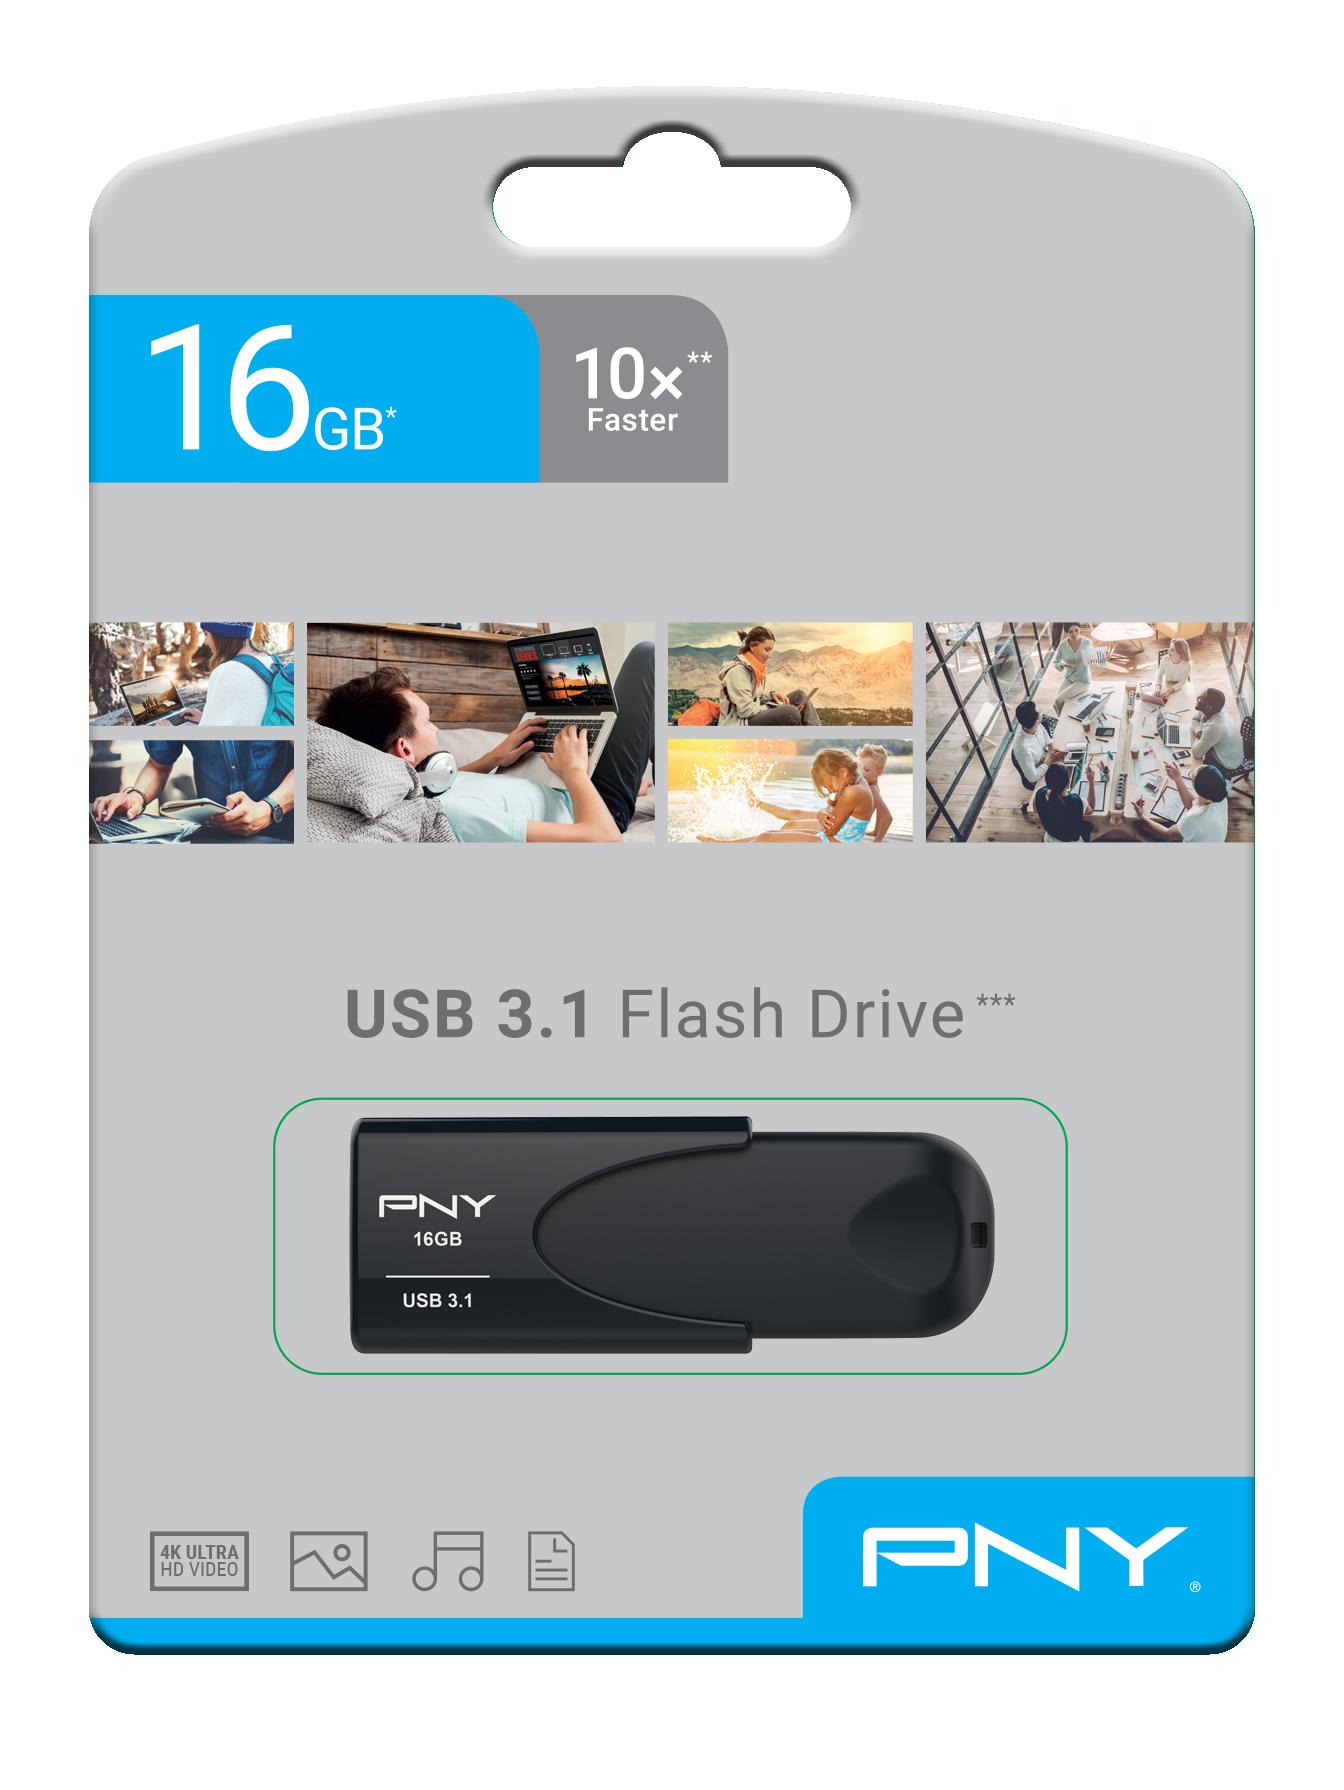 PNY USB 3.1 Attache 4 16GB Minnepenn Sort